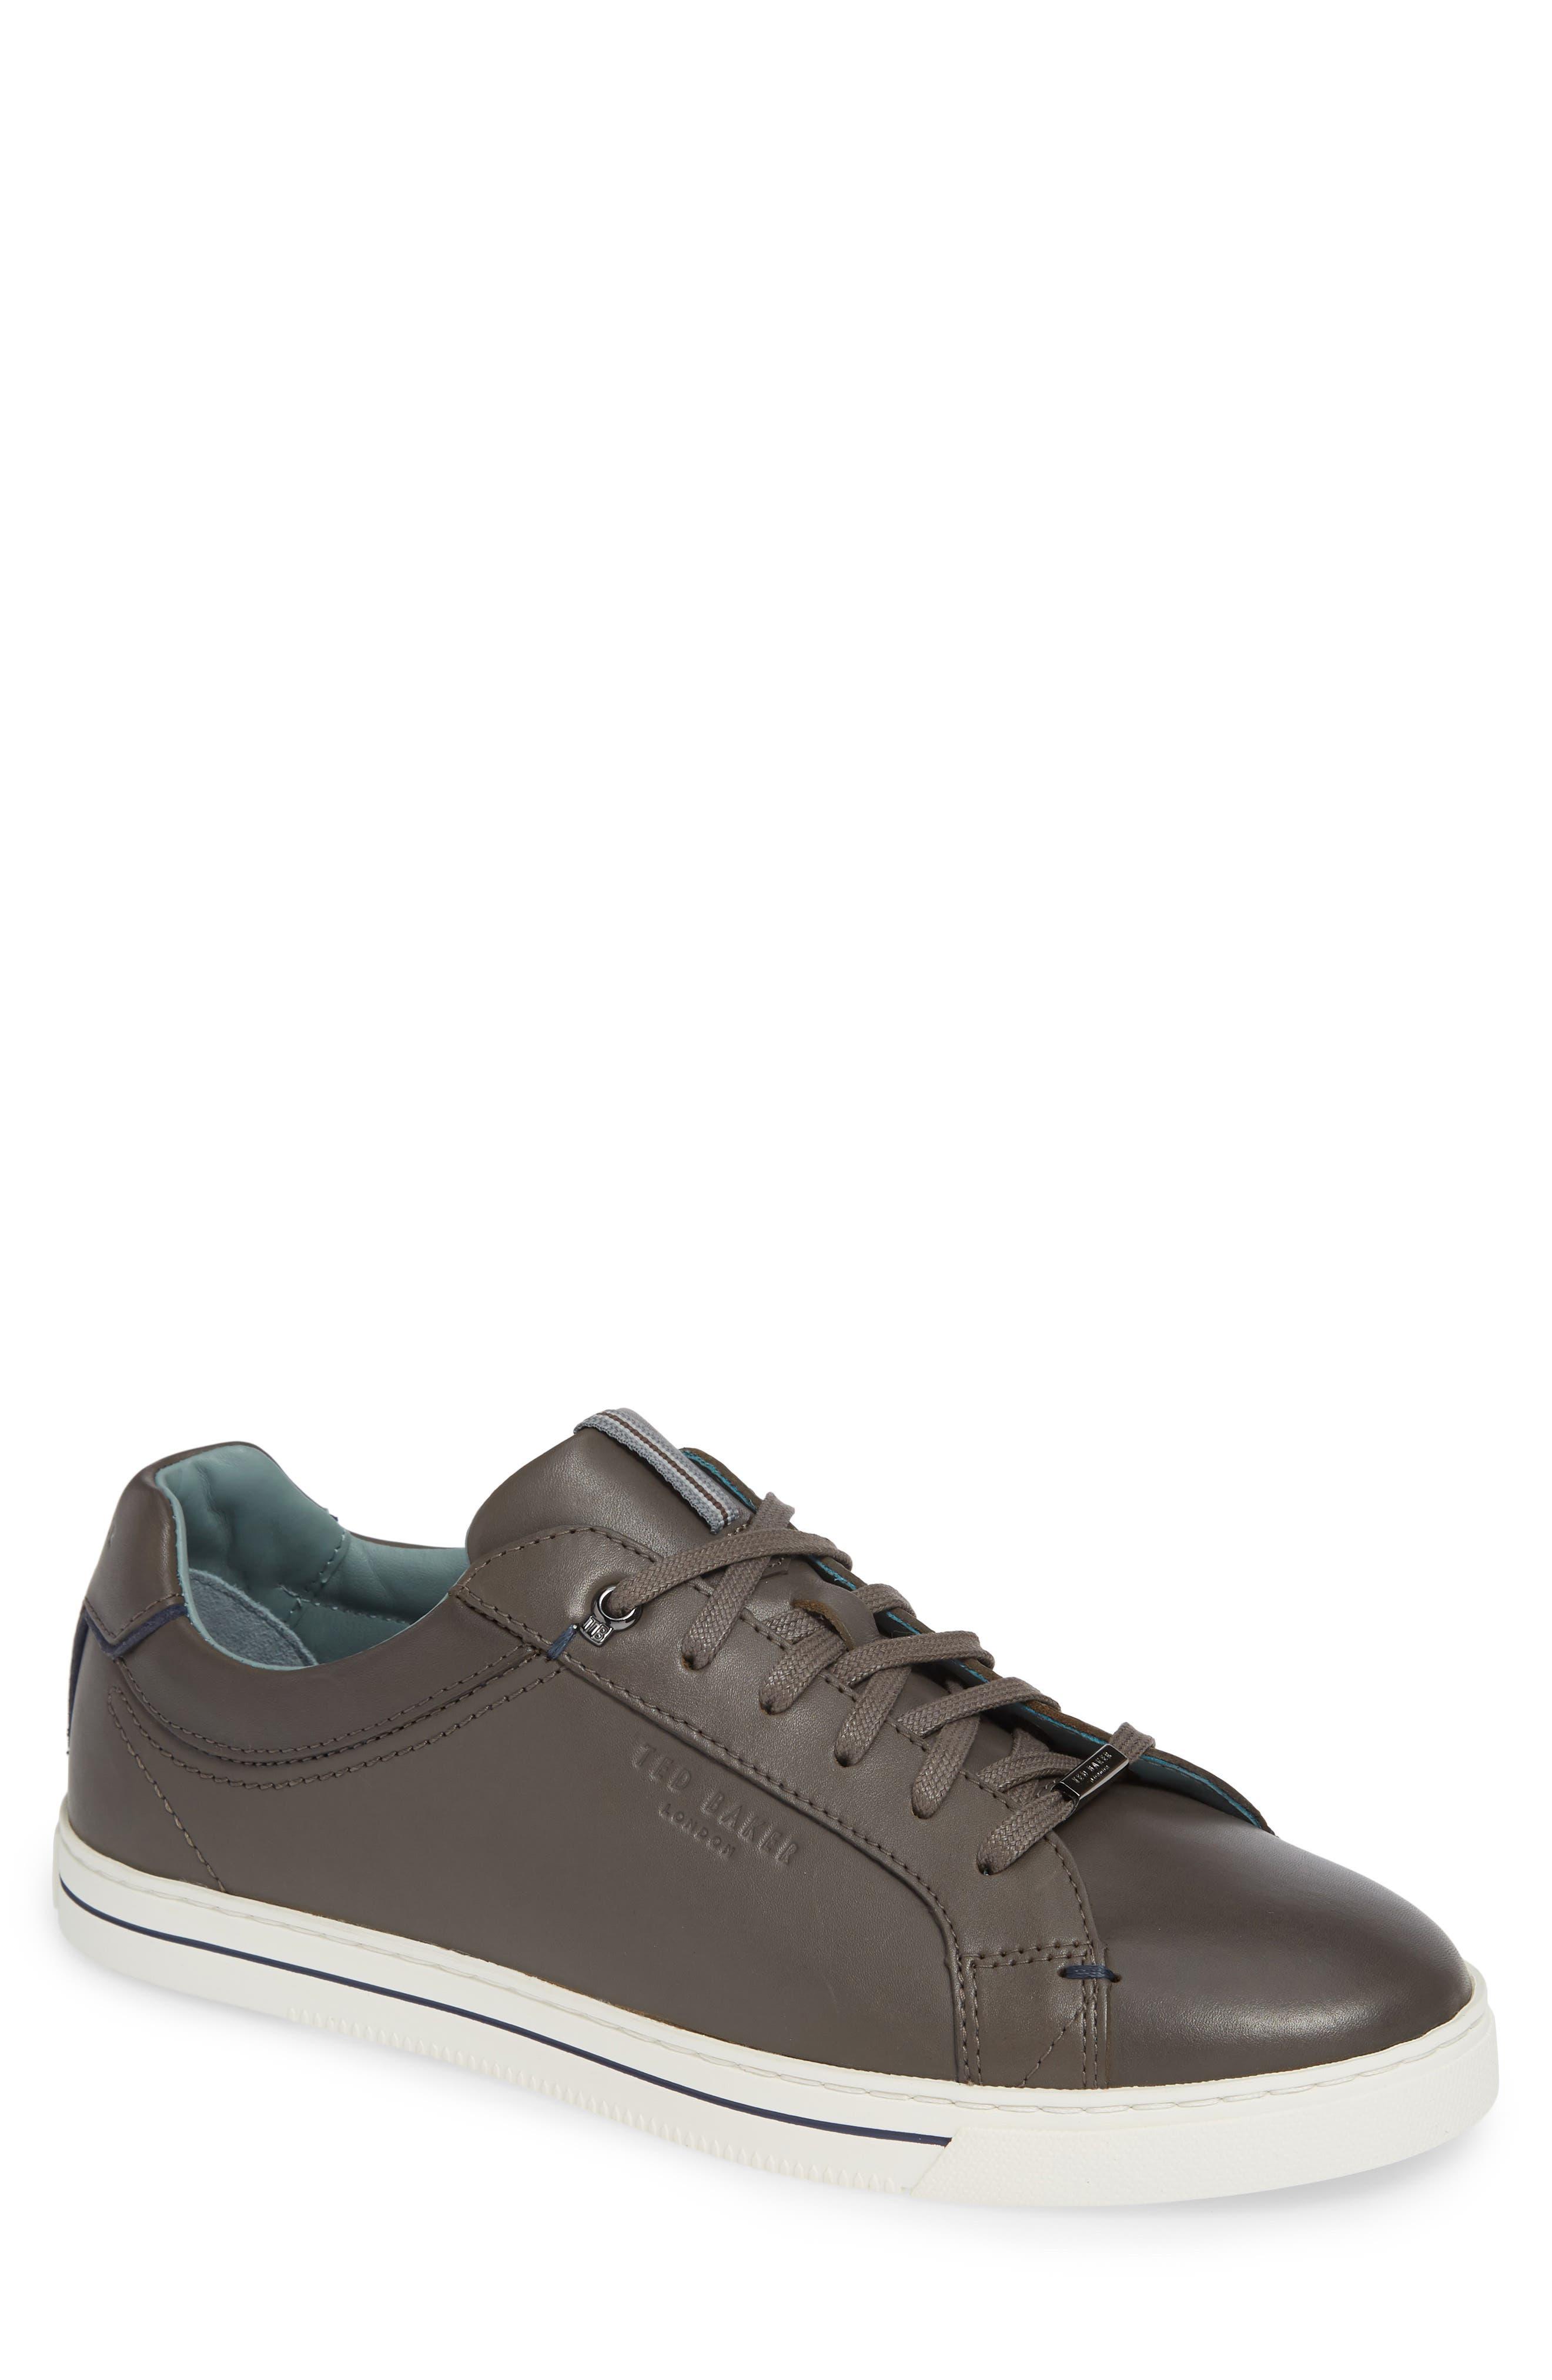 Ted Baker London Thawne Sneaker, Grey